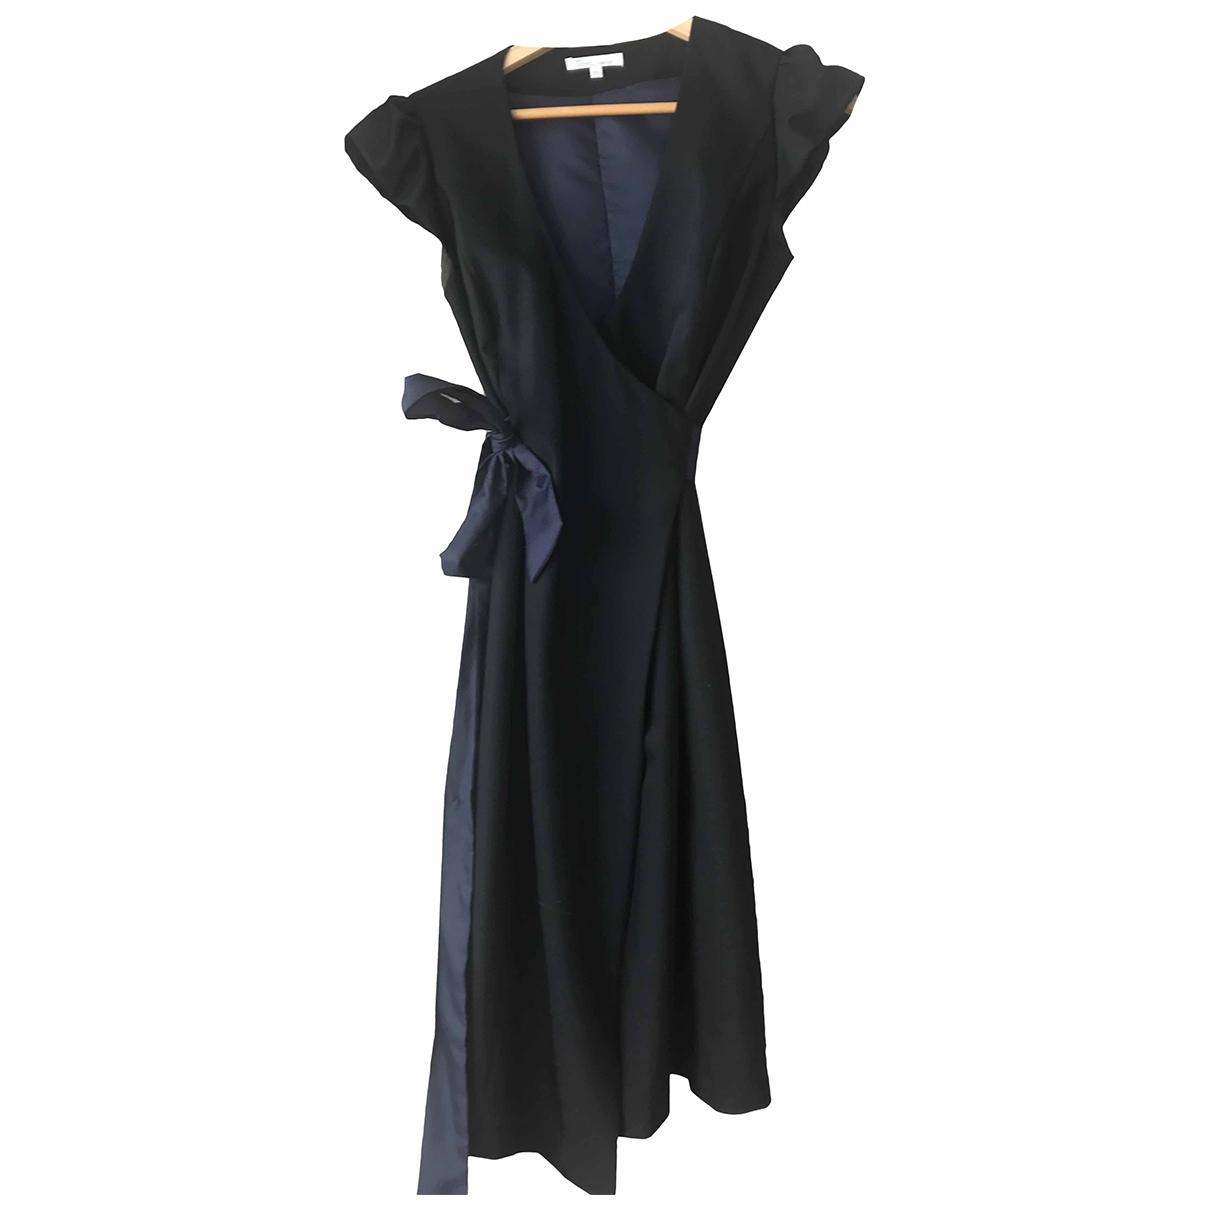 Les Petites \N Kleid in  Schwarz Wolle